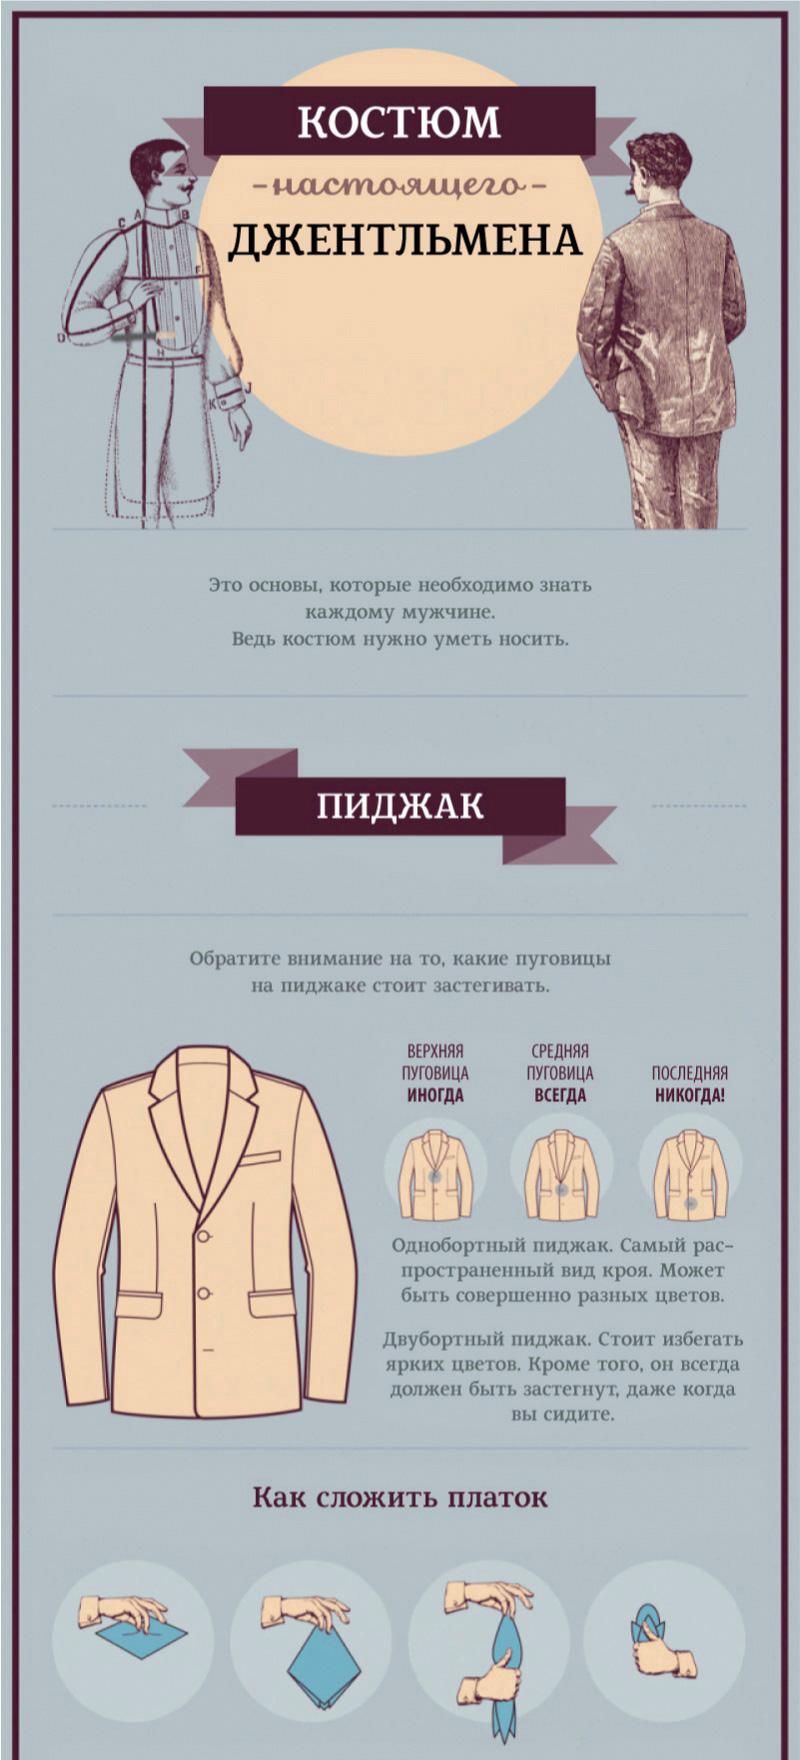 Гид по мужскому костюму - пиджак.